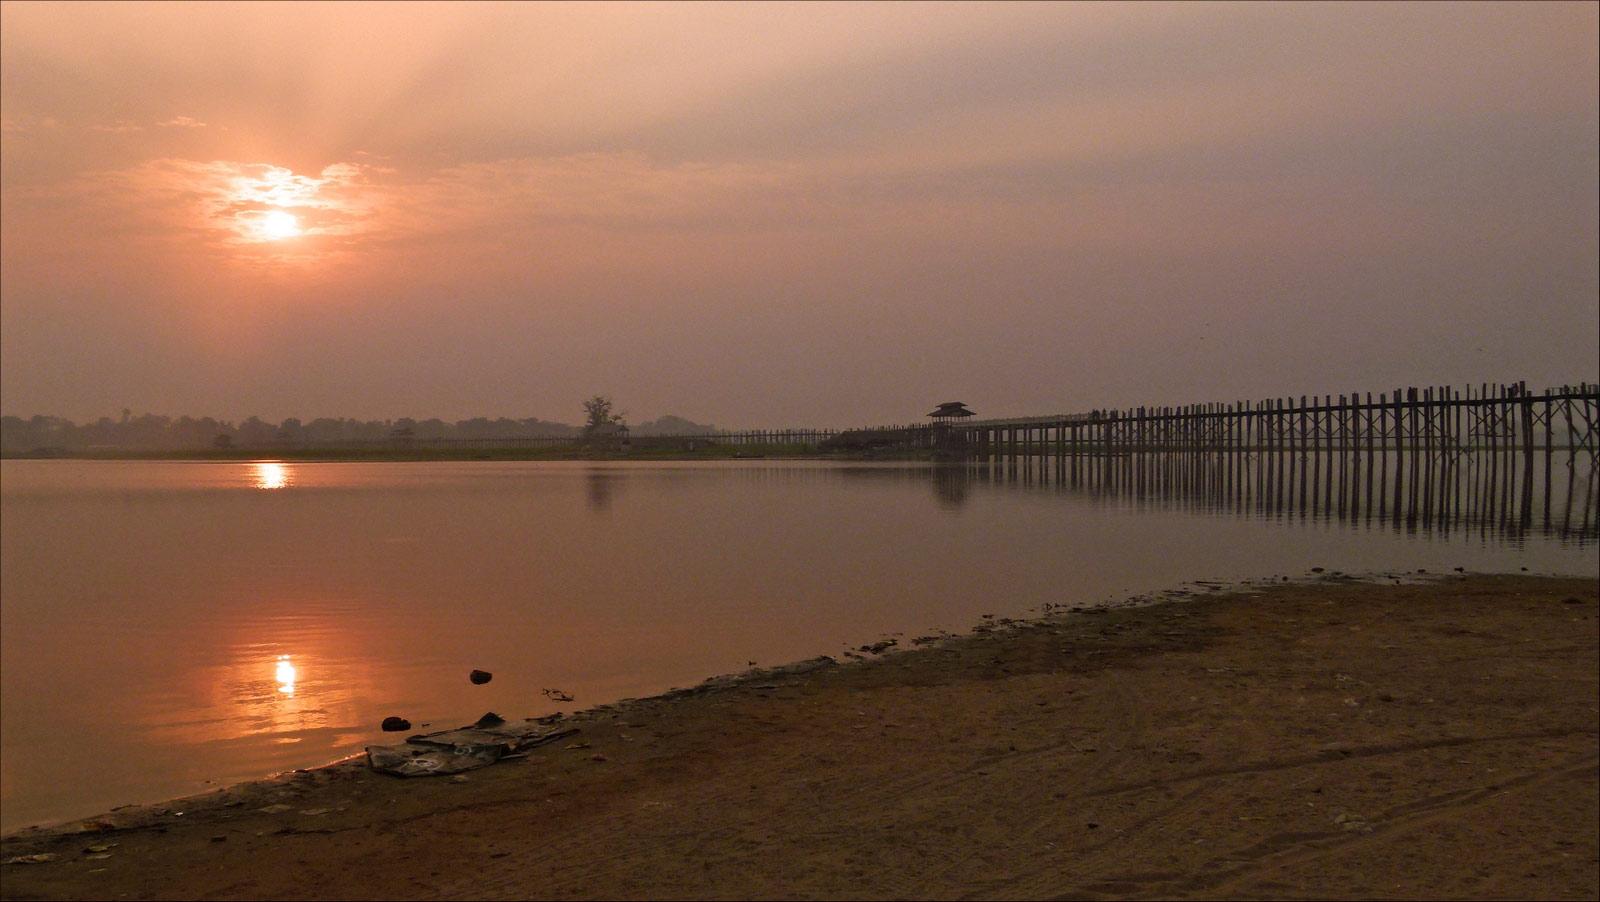 sunset sur le pont U Bein P1300748bis05cp